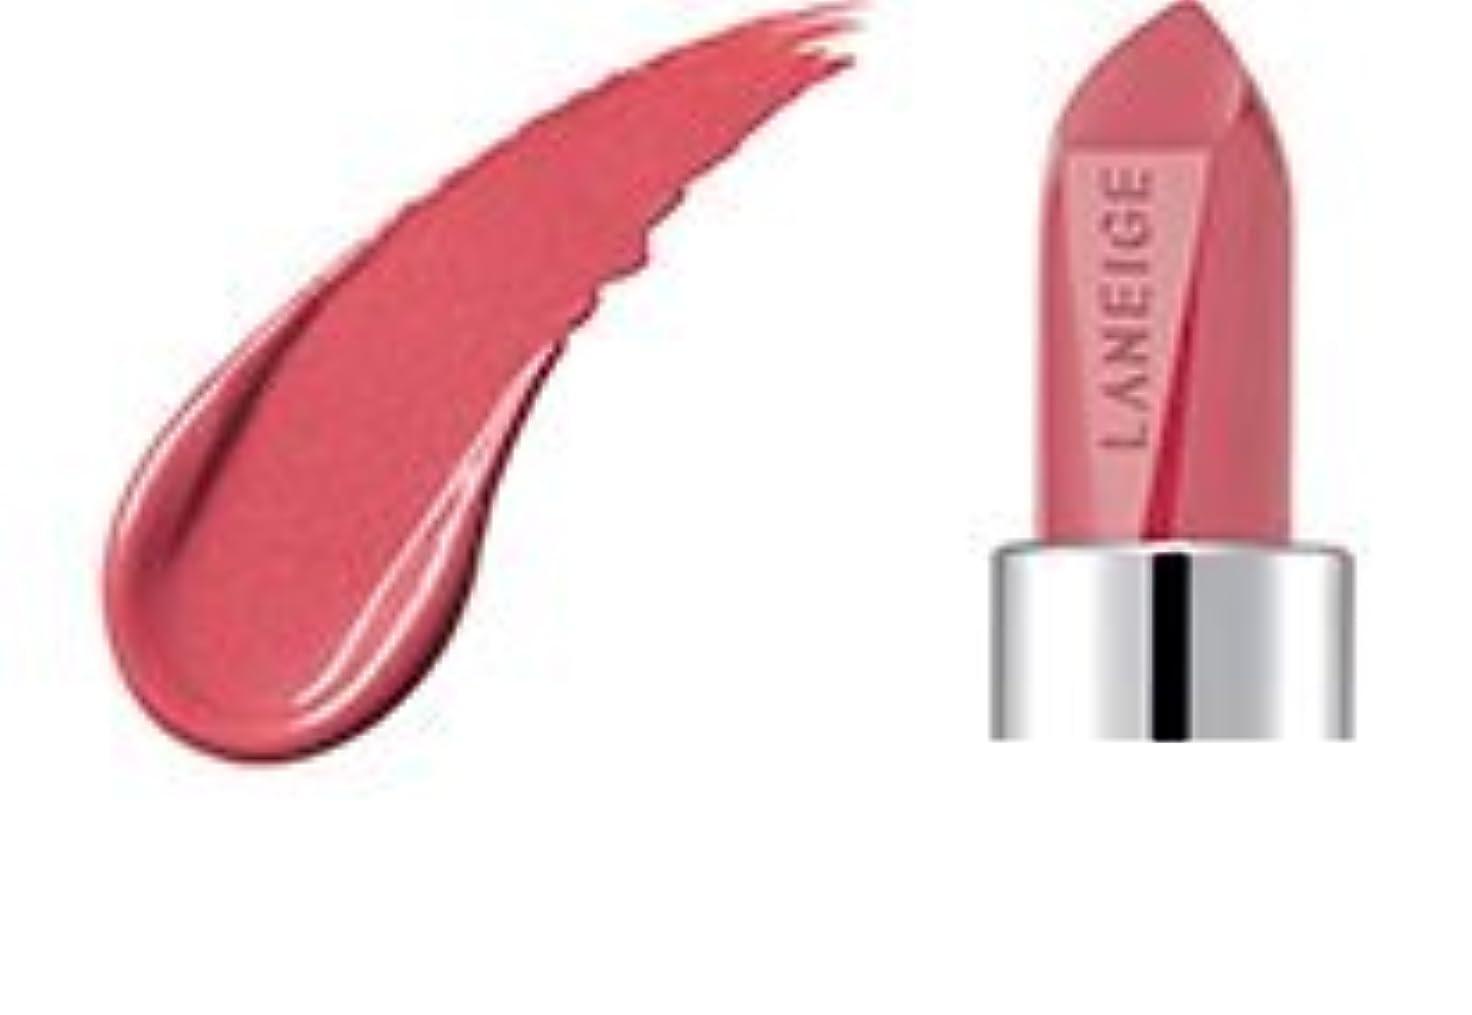 秀でる専門道徳教育[2017 Renewal] LANEIGE Silk Intense Lipstick 3.5g/ラネージュ シルク インテンス リップスティック 3.5g (#430 Pink Garden) [並行輸入品]